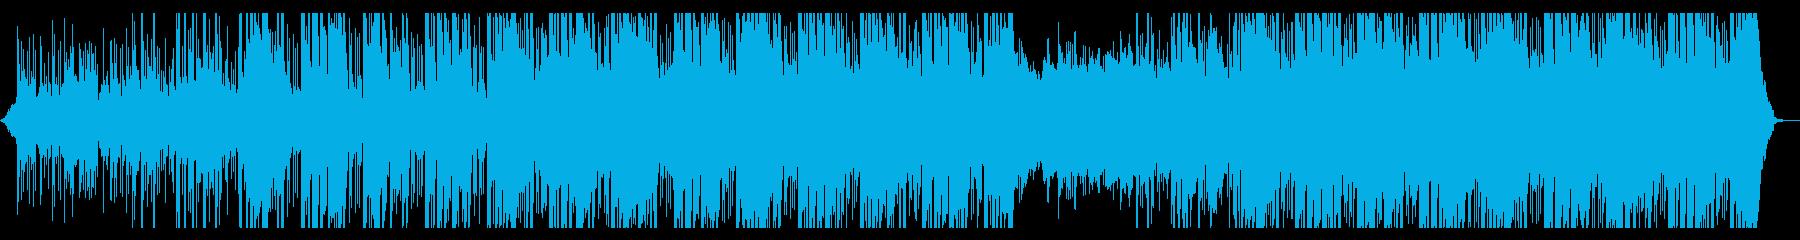 人気のある電子機器 アンビエント ...の再生済みの波形